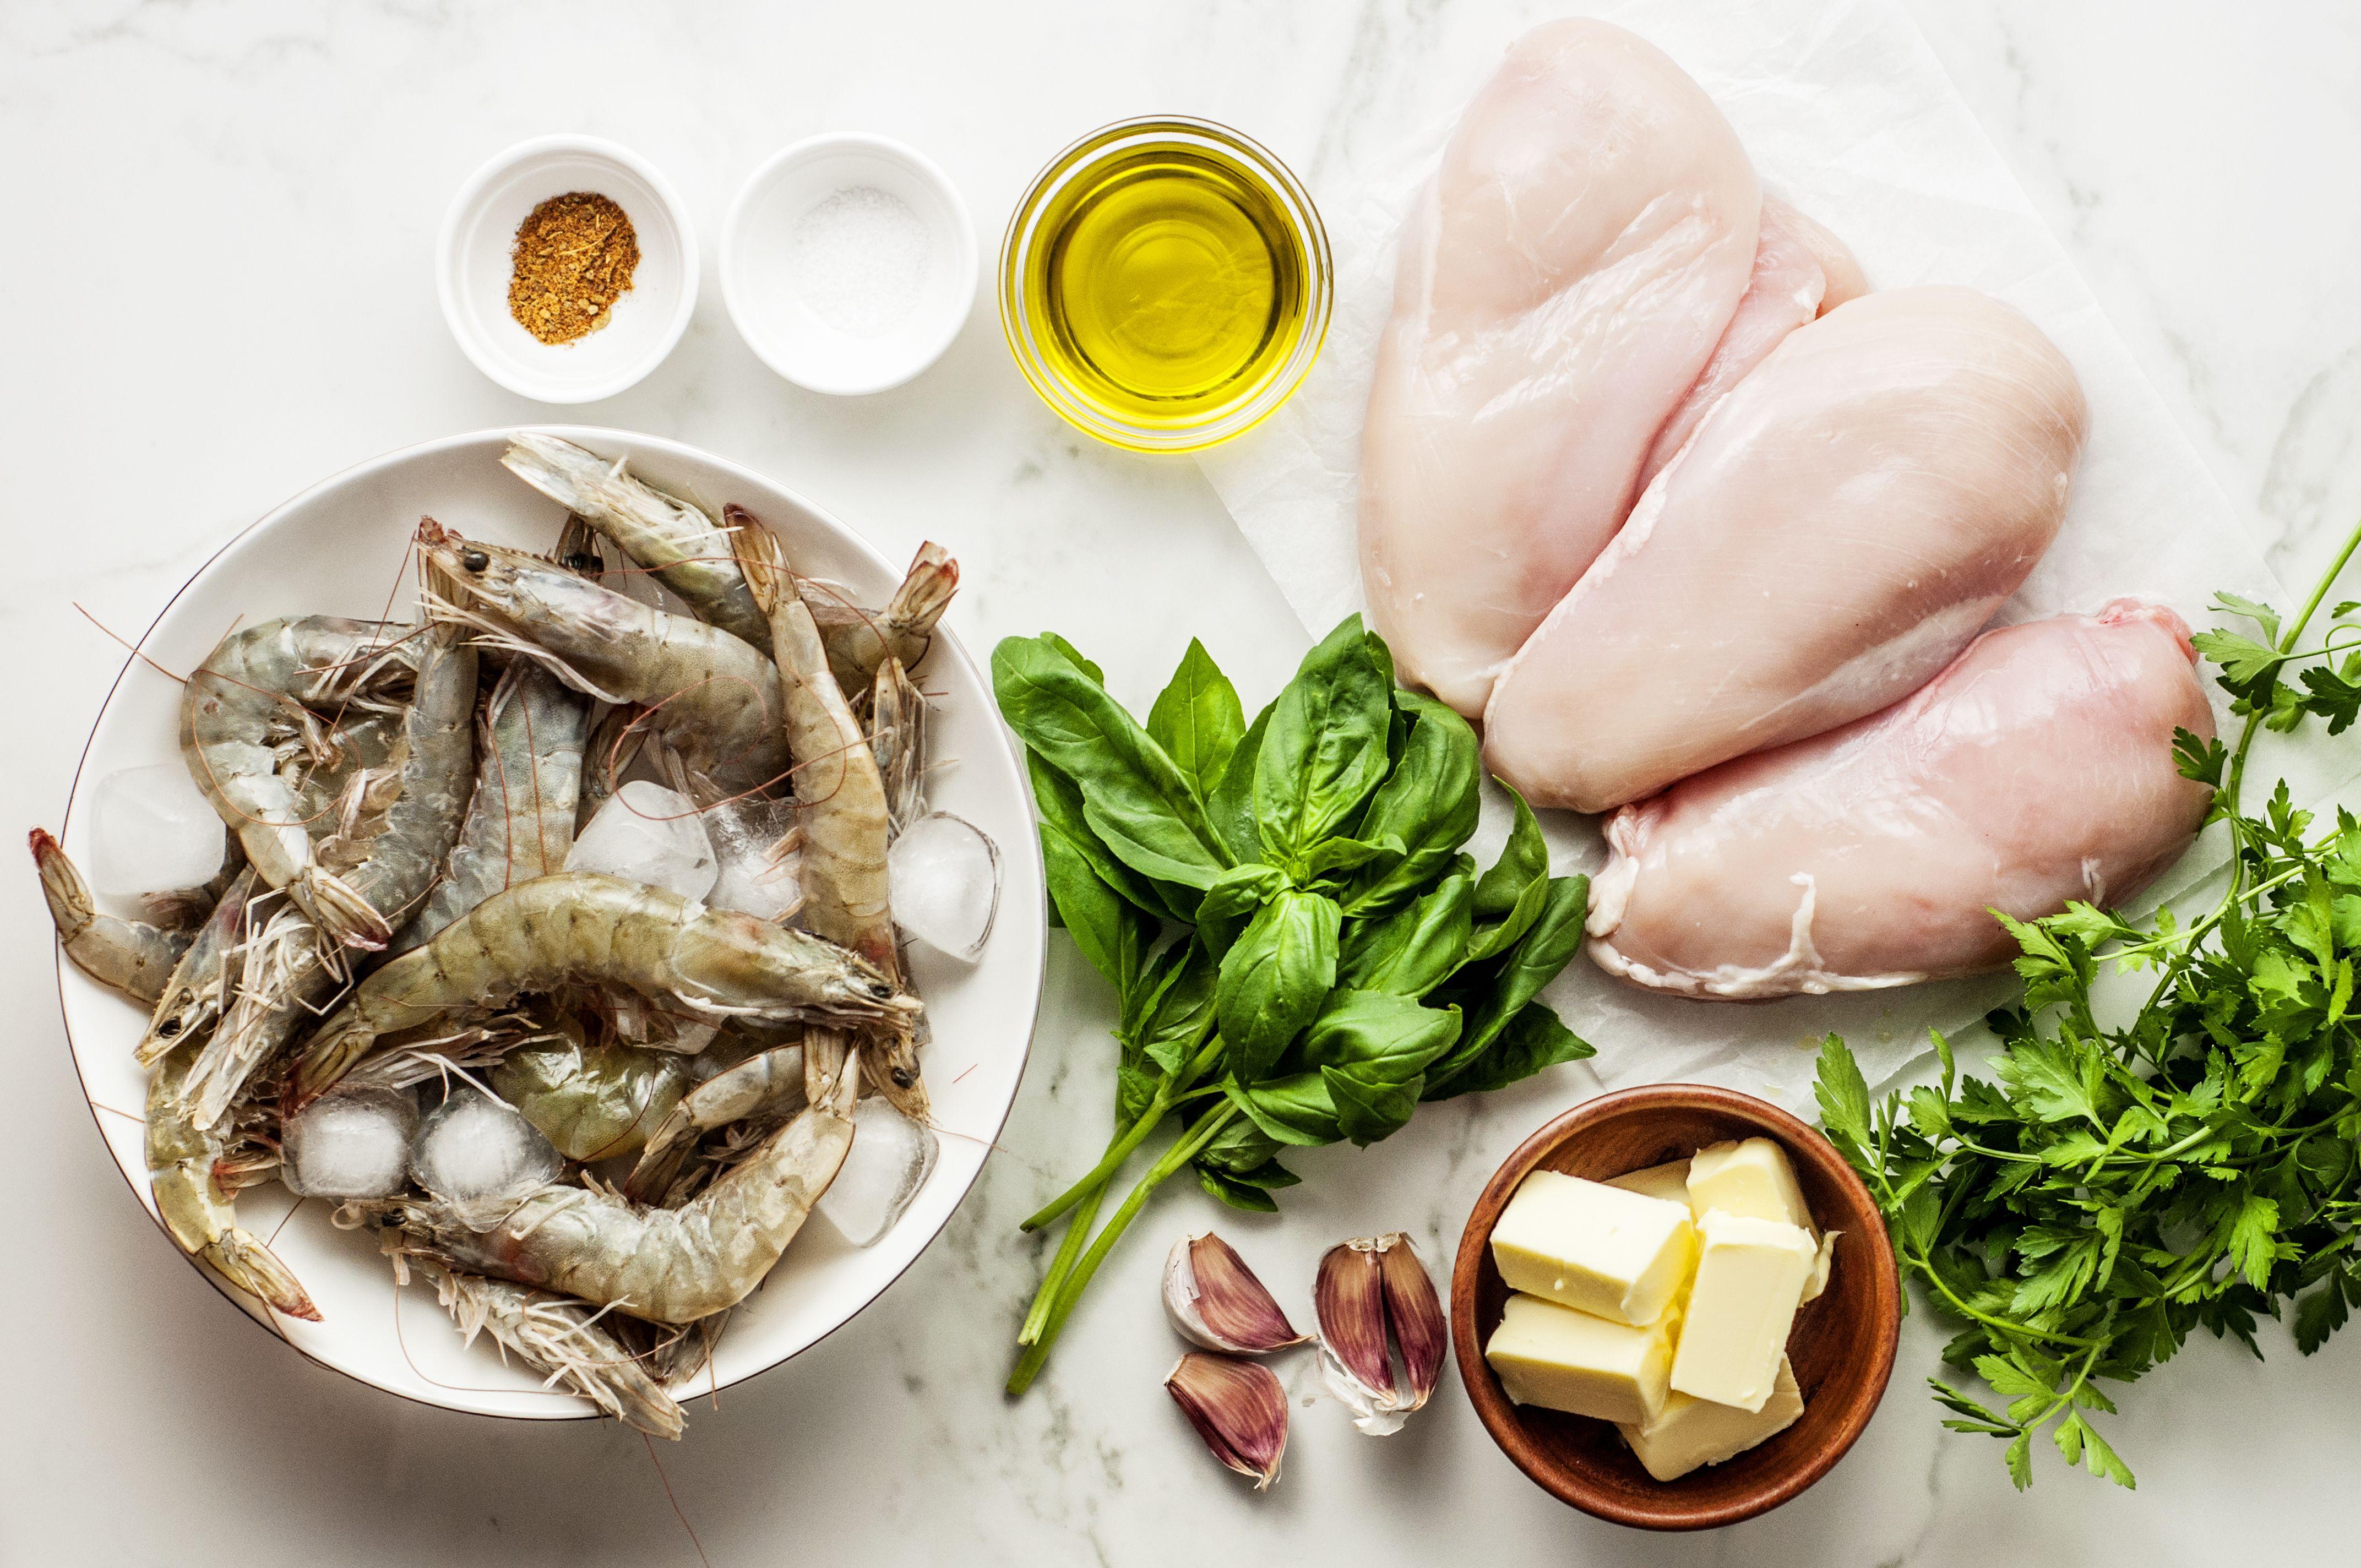 Garlic chicken and shrimp ingredients